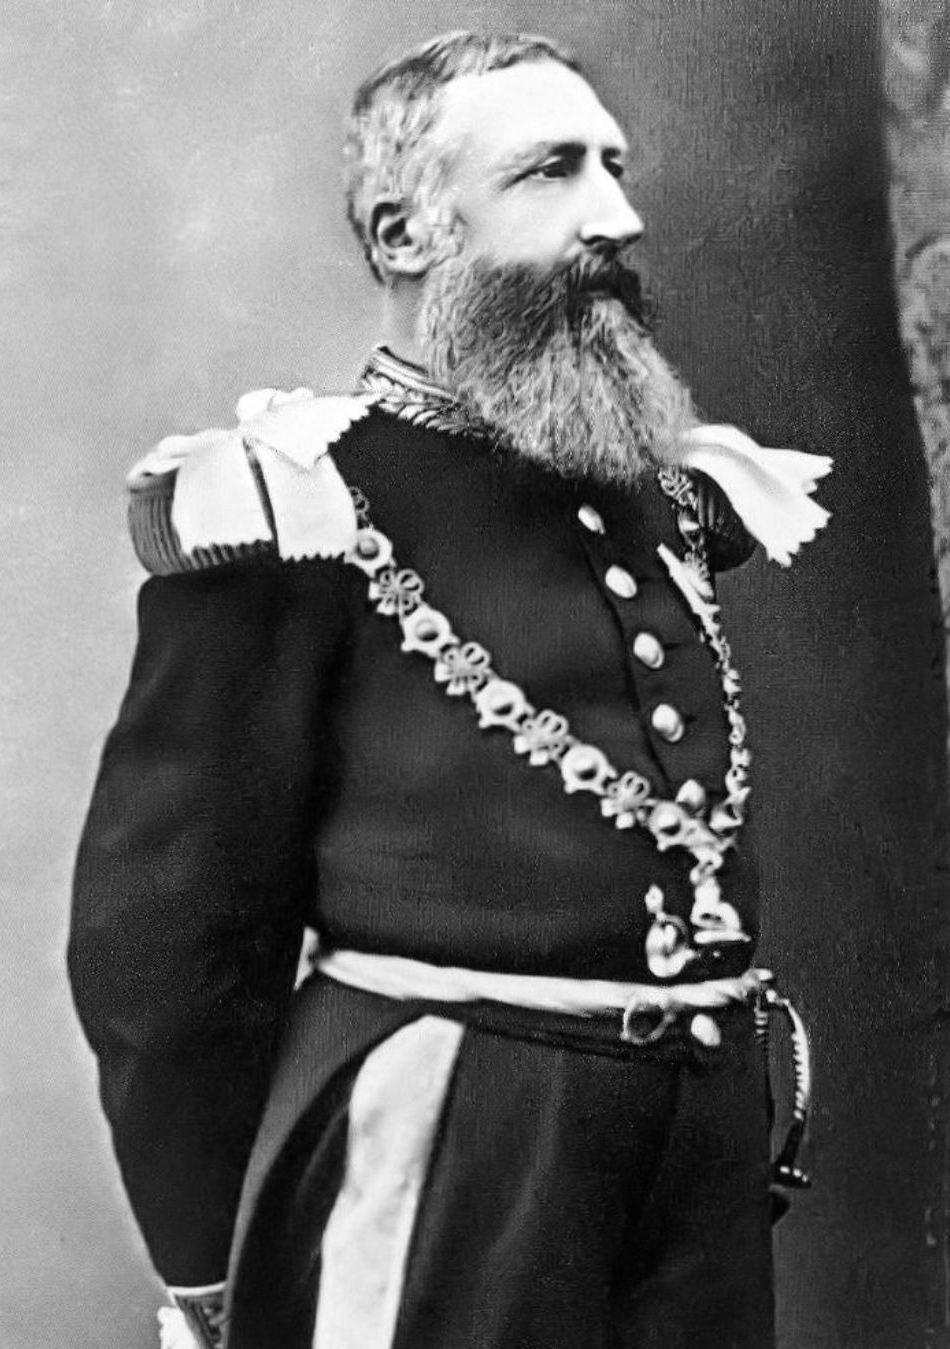 Regele Leopold al doilea al Belgiei într-o fotografie de epocă